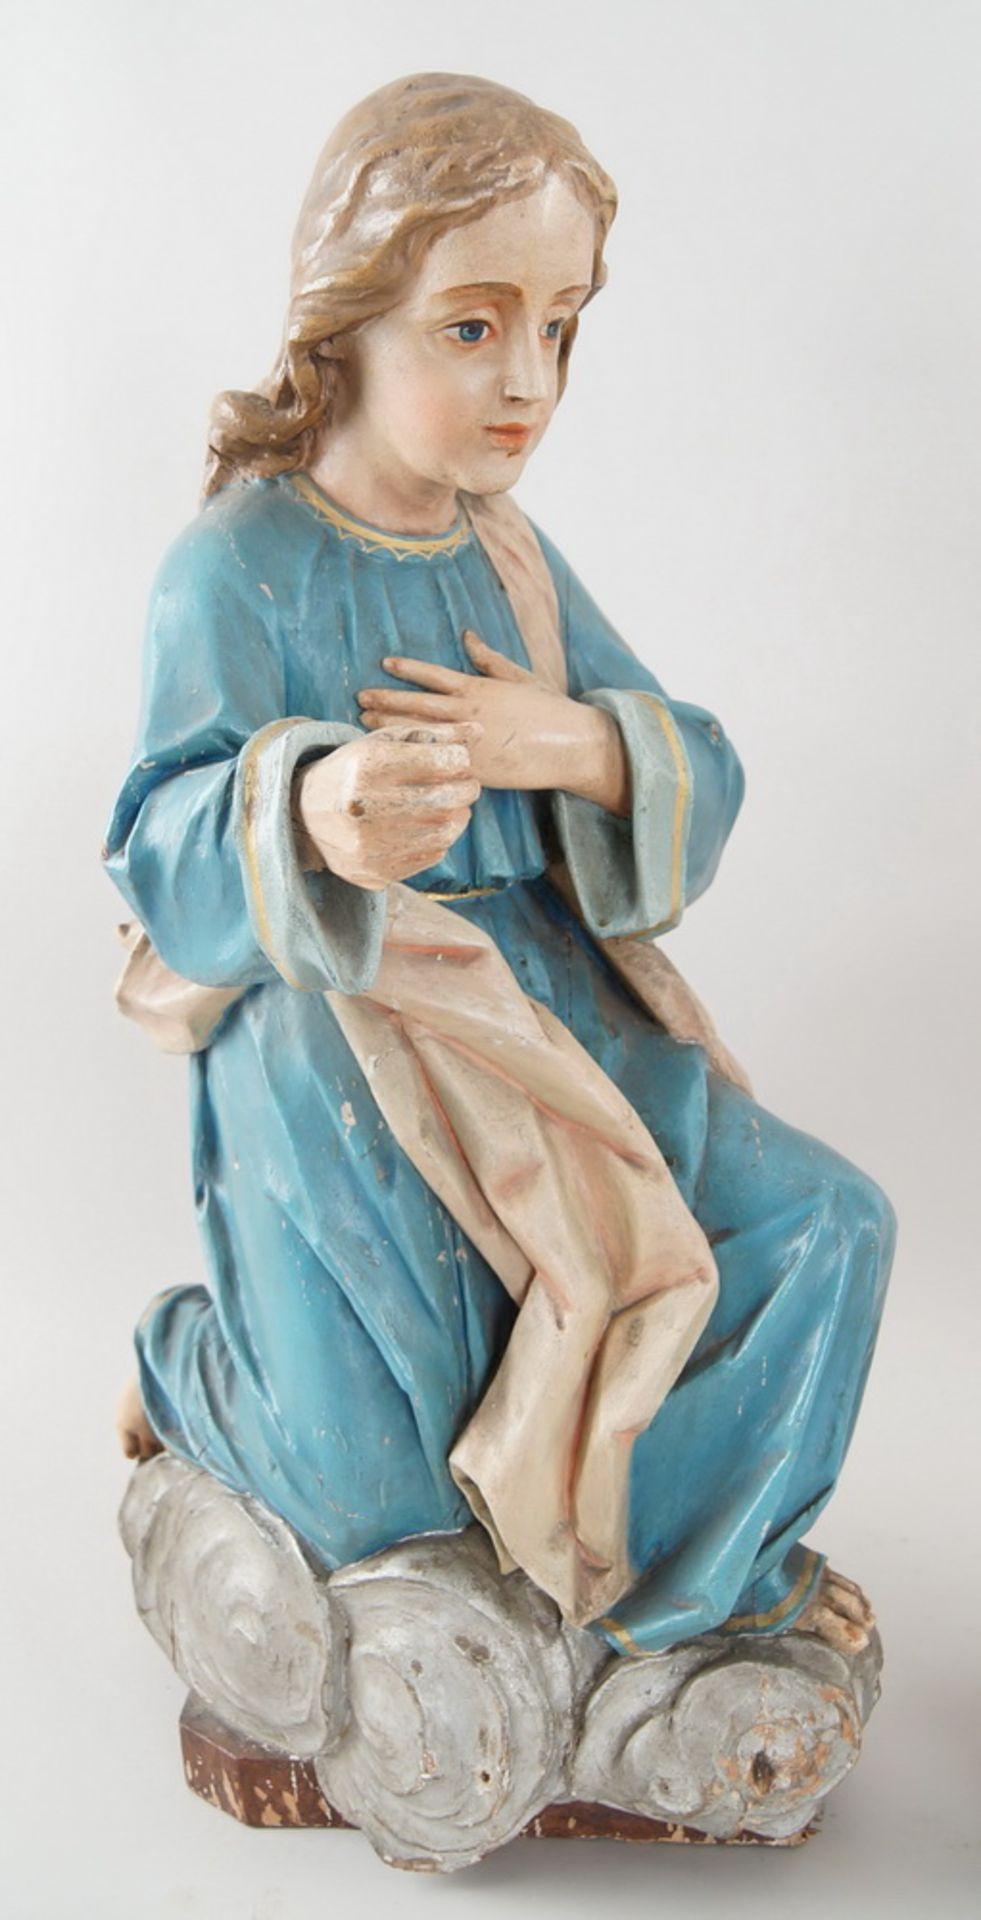 Zwei kniende Engel mit Flügel, 18. JH, Holz geschnitzt und gefasst, rest.-bed., H je 73cm - Bild 3 aus 15